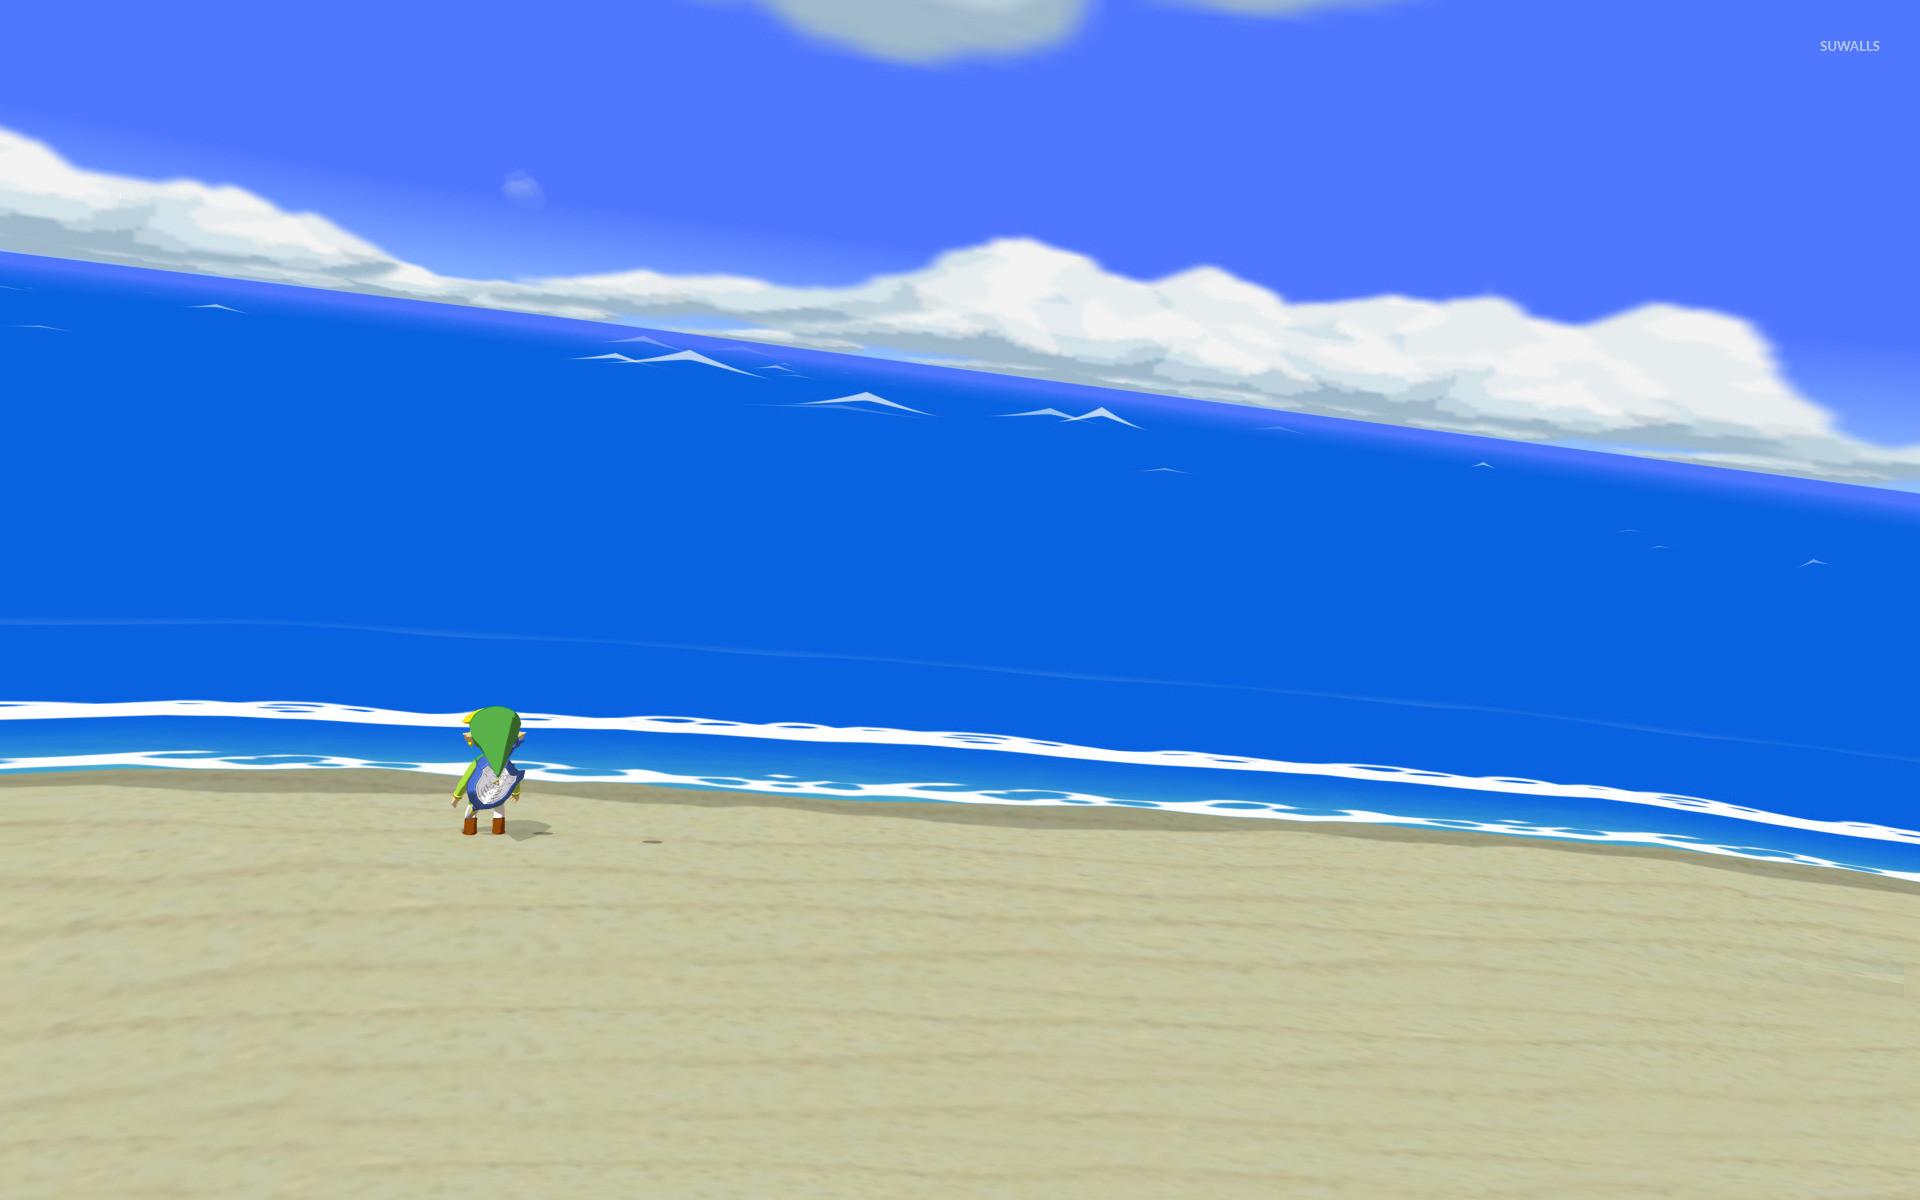 The Legend of Zelda: The Wind Waker wallpaper View